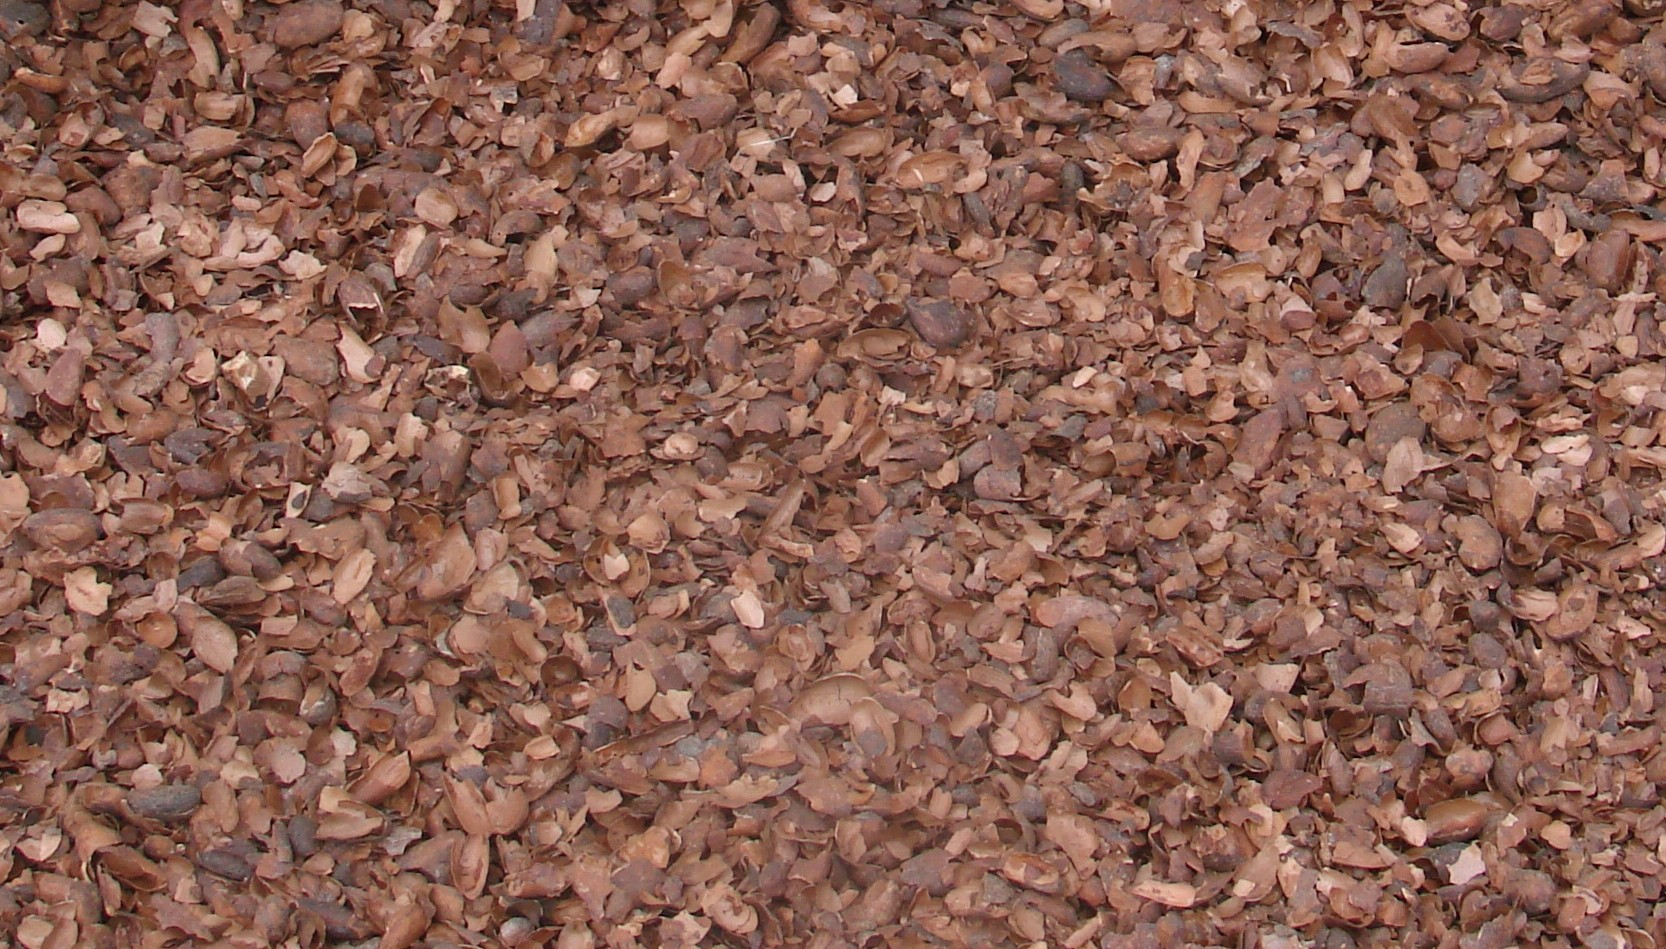 paillage couleur interesting paillage coque de cacao sac de l palette de sacs with paillage. Black Bedroom Furniture Sets. Home Design Ideas